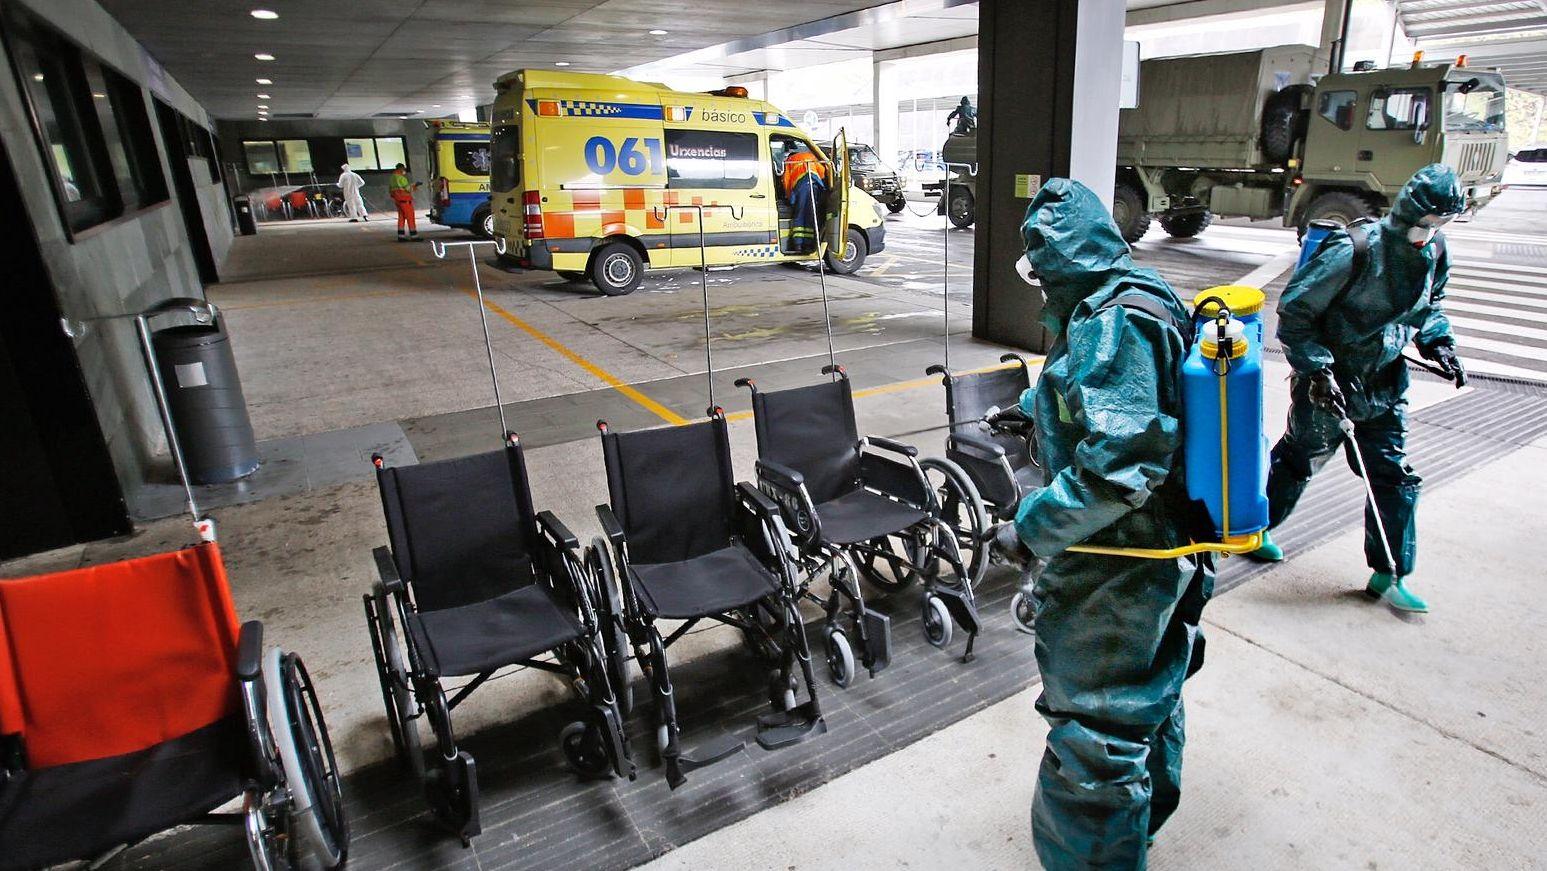 El Ejército desinfecta el Álvaro Cunqueiro.Terraza abierto en la plaza de la Constitución en Vigo